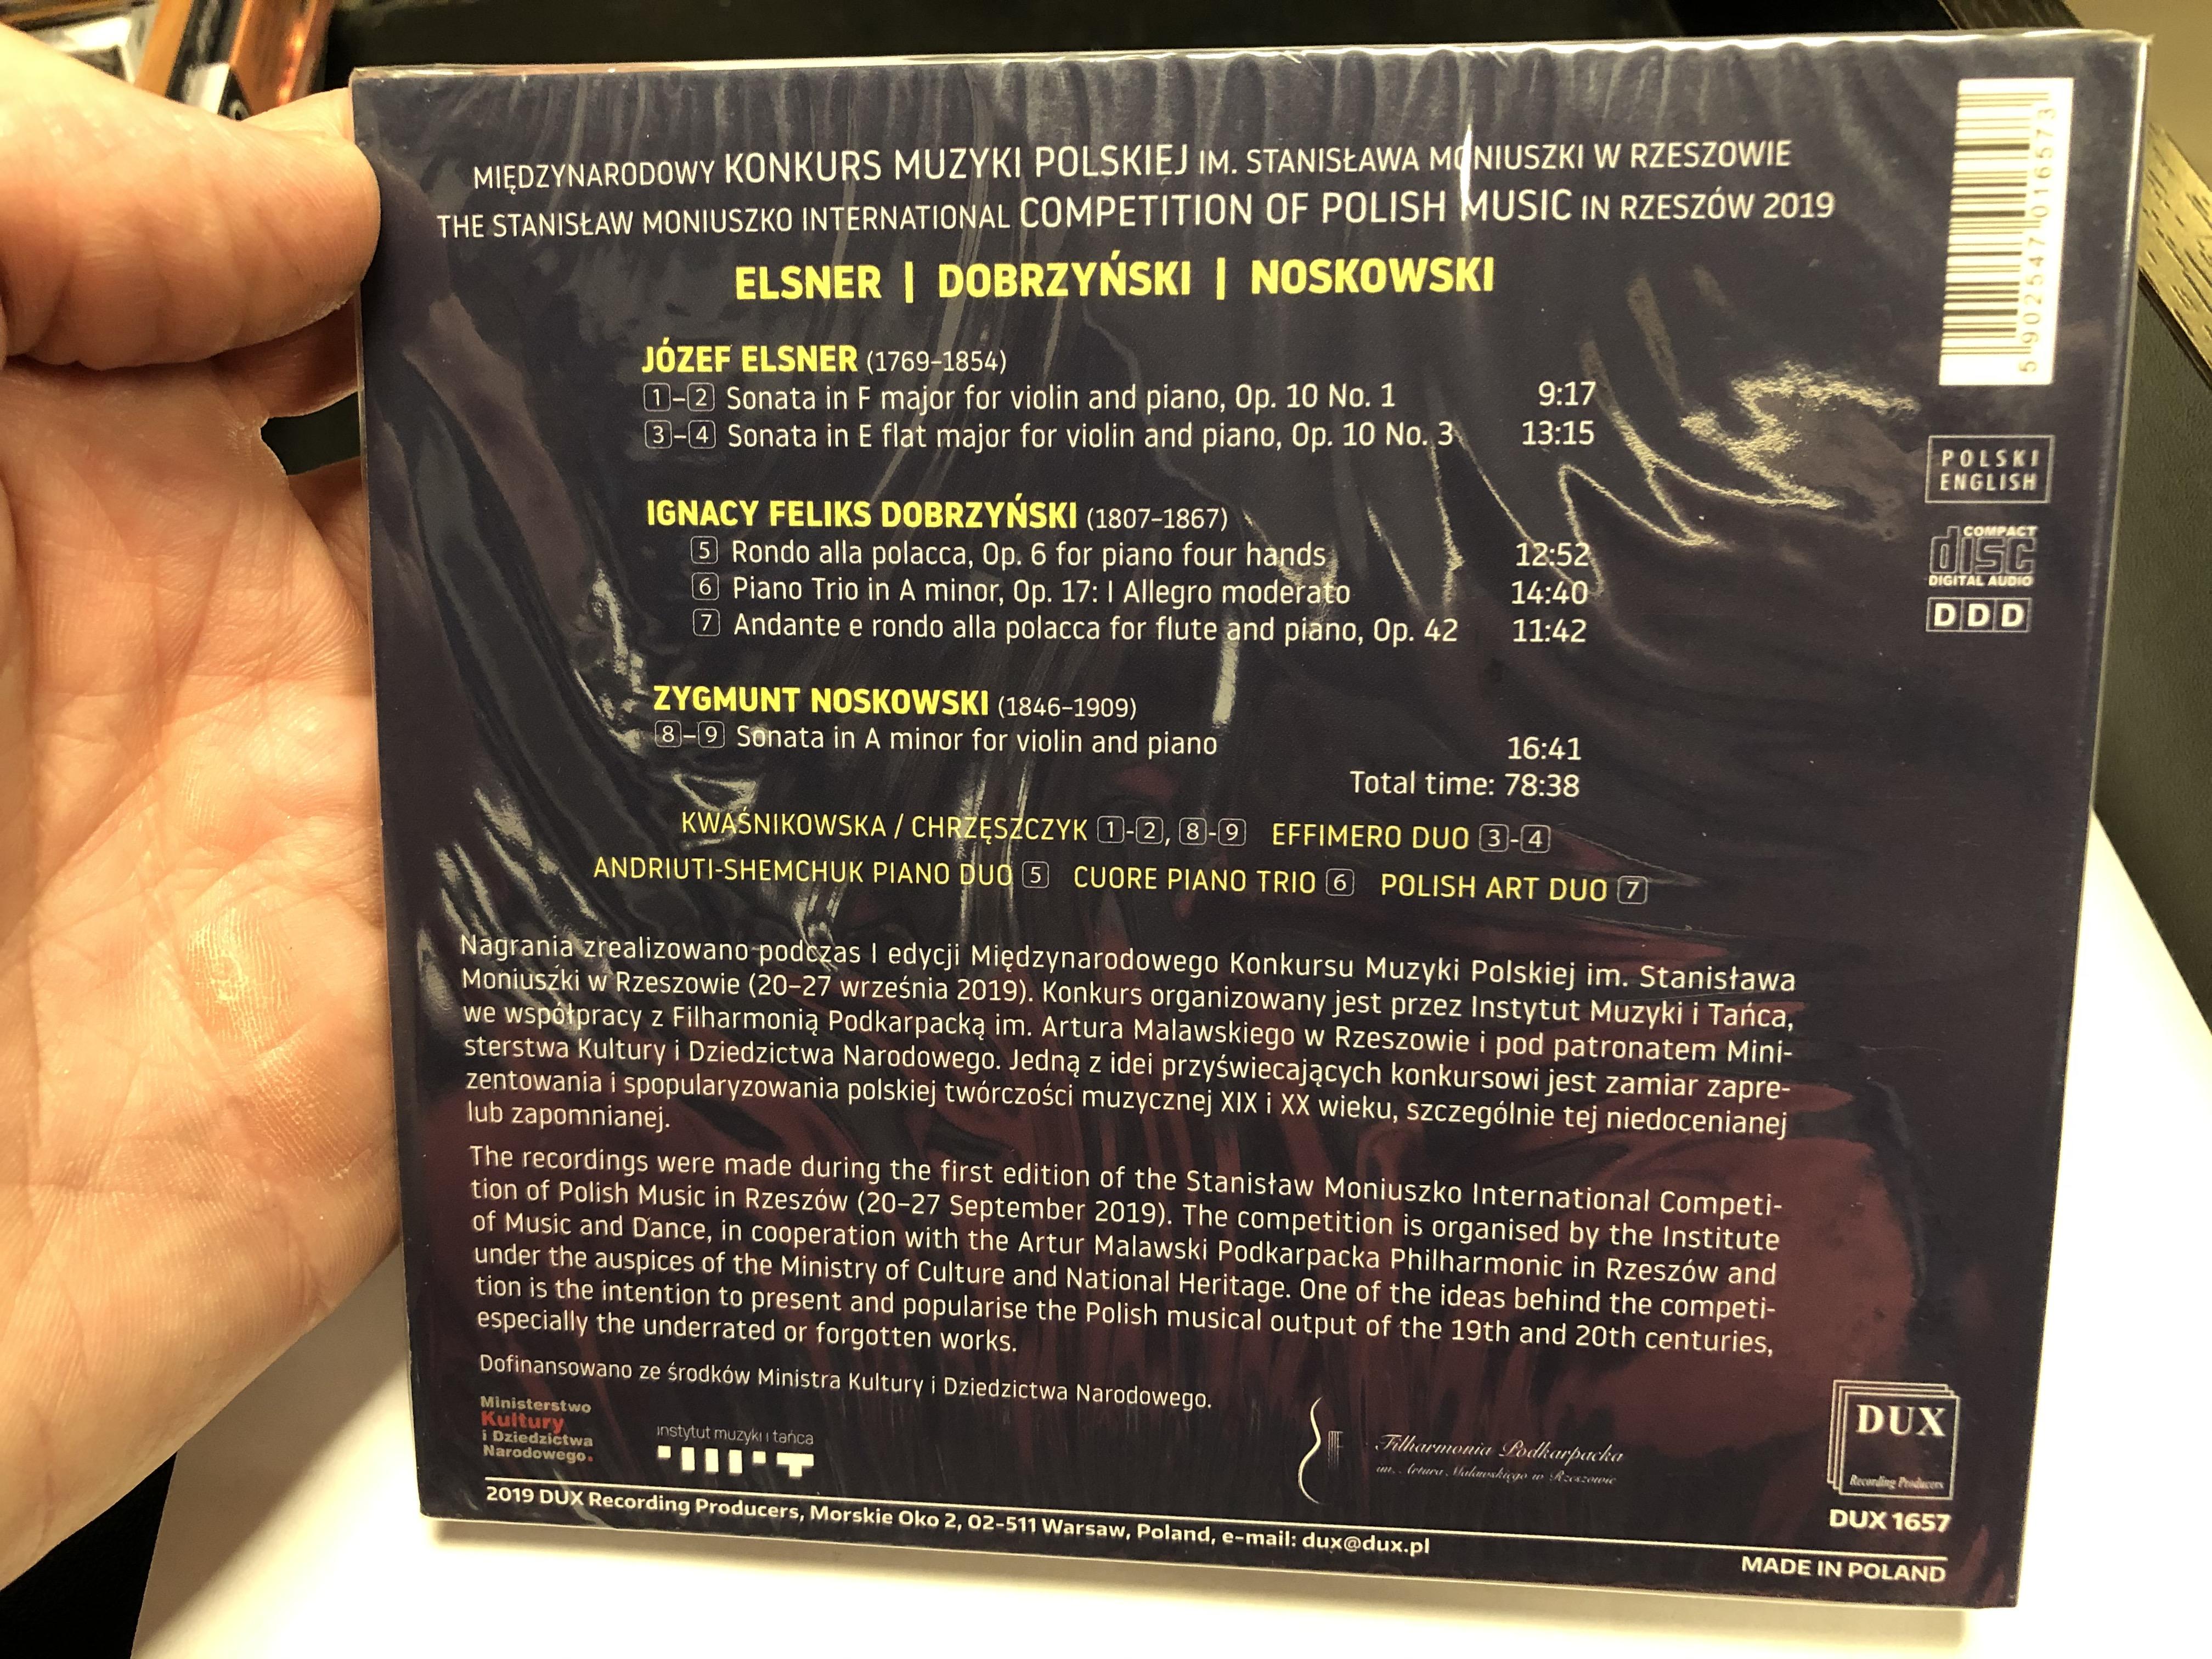 elsner-dobrzynski-noskowski-miedzynarodowy-konkurs-muzyki-polskiej-im.-stanislawa-moniuszki-w-rzeszowie-the-stanislaw-moniuszko-international-competition-of-polish-music-in-rzeszow-2019.jpg